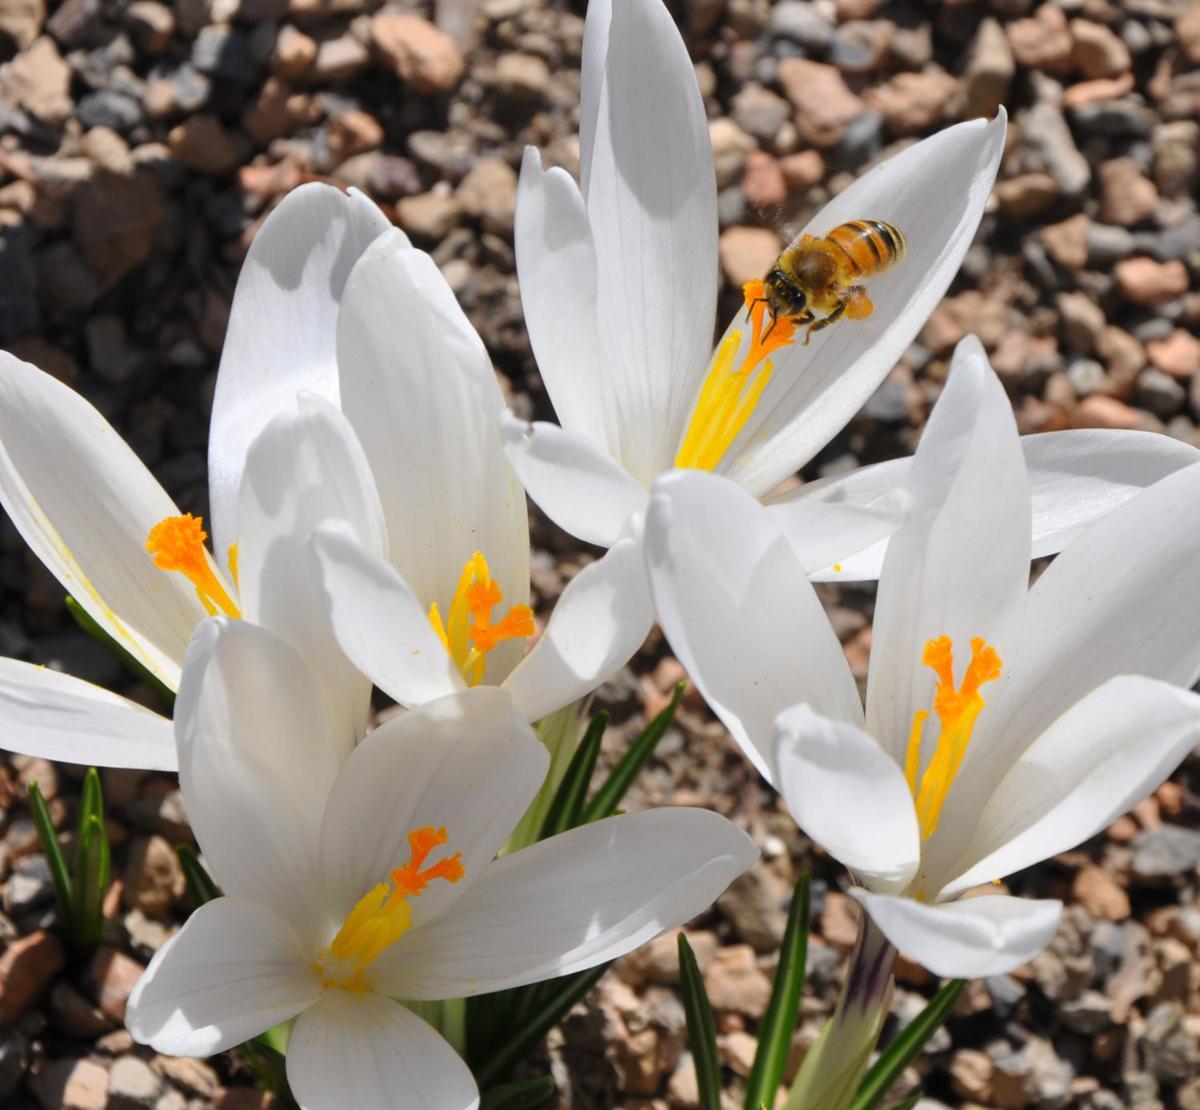 Gartenpflege Pflanzen in Weiß und Gelb